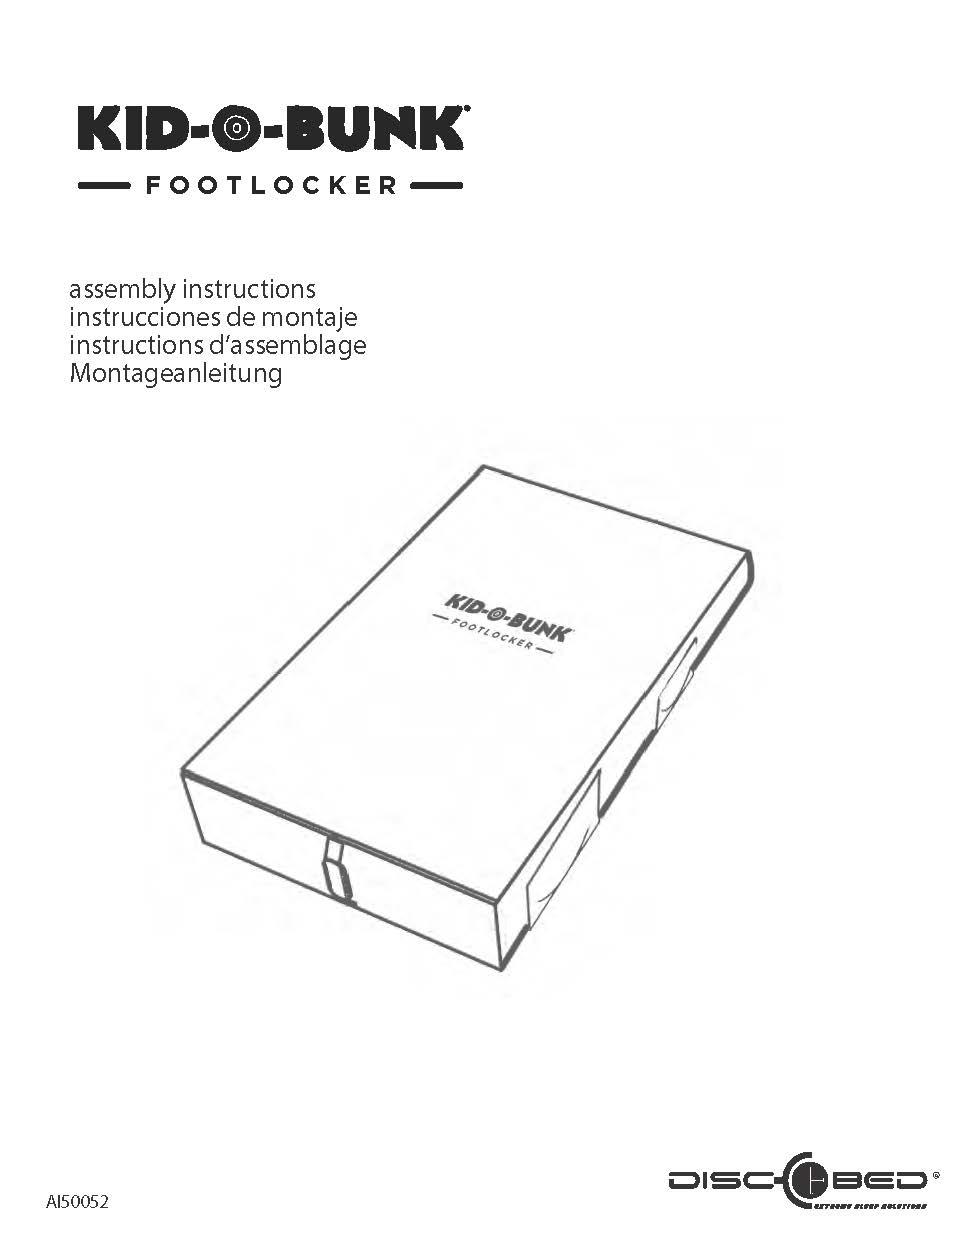 kob-footlocker